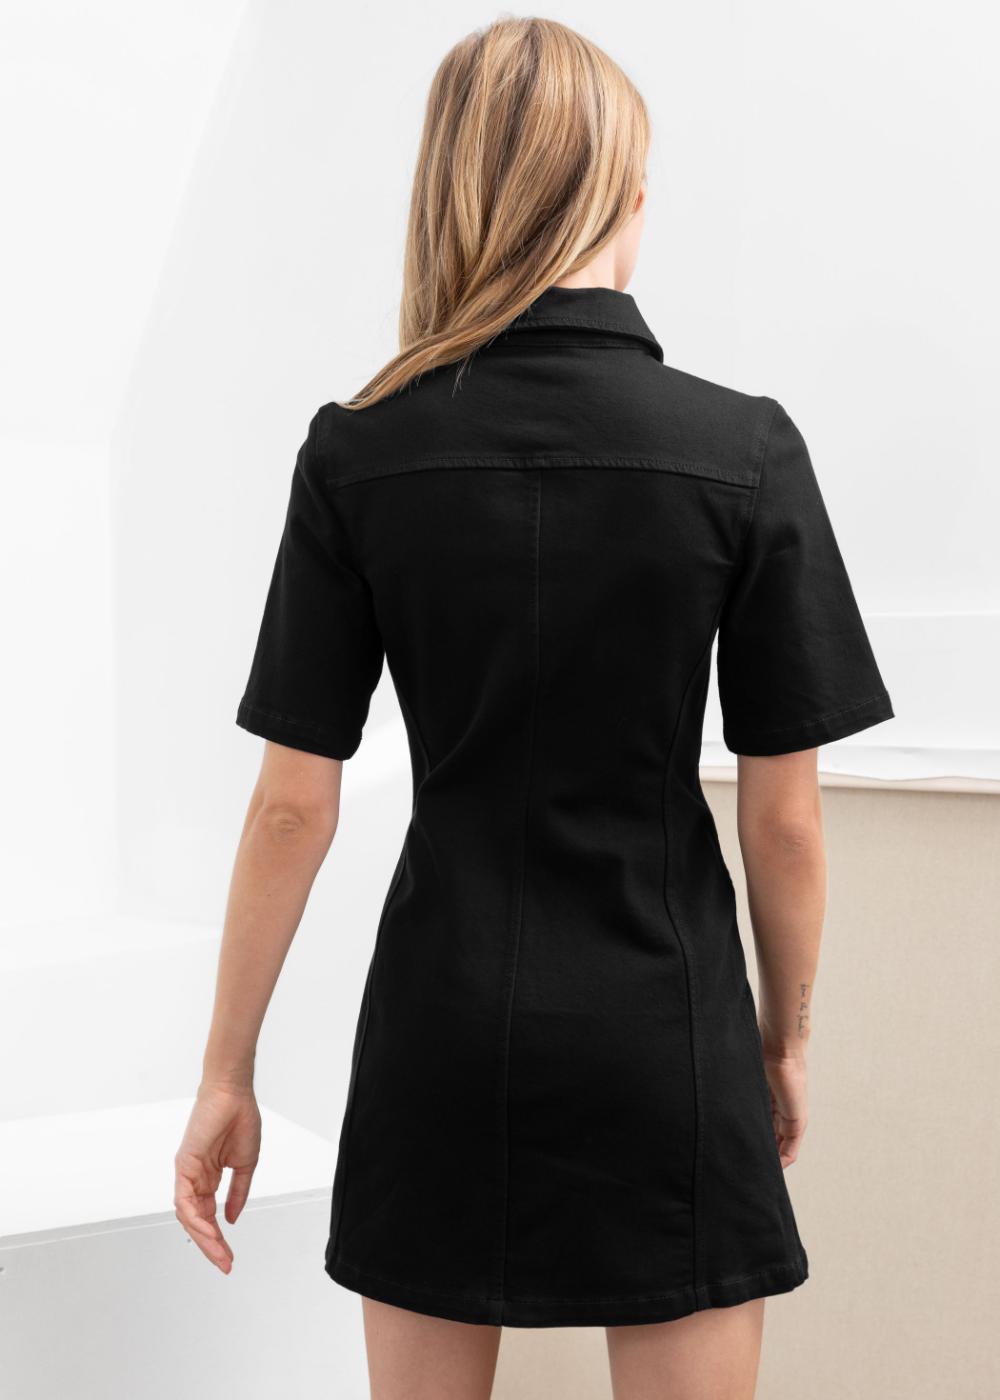 Structured Denim Mini Dress Denim Mini Dress Mini Dress Mini Black Dress [ 1400 x 1000 Pixel ]